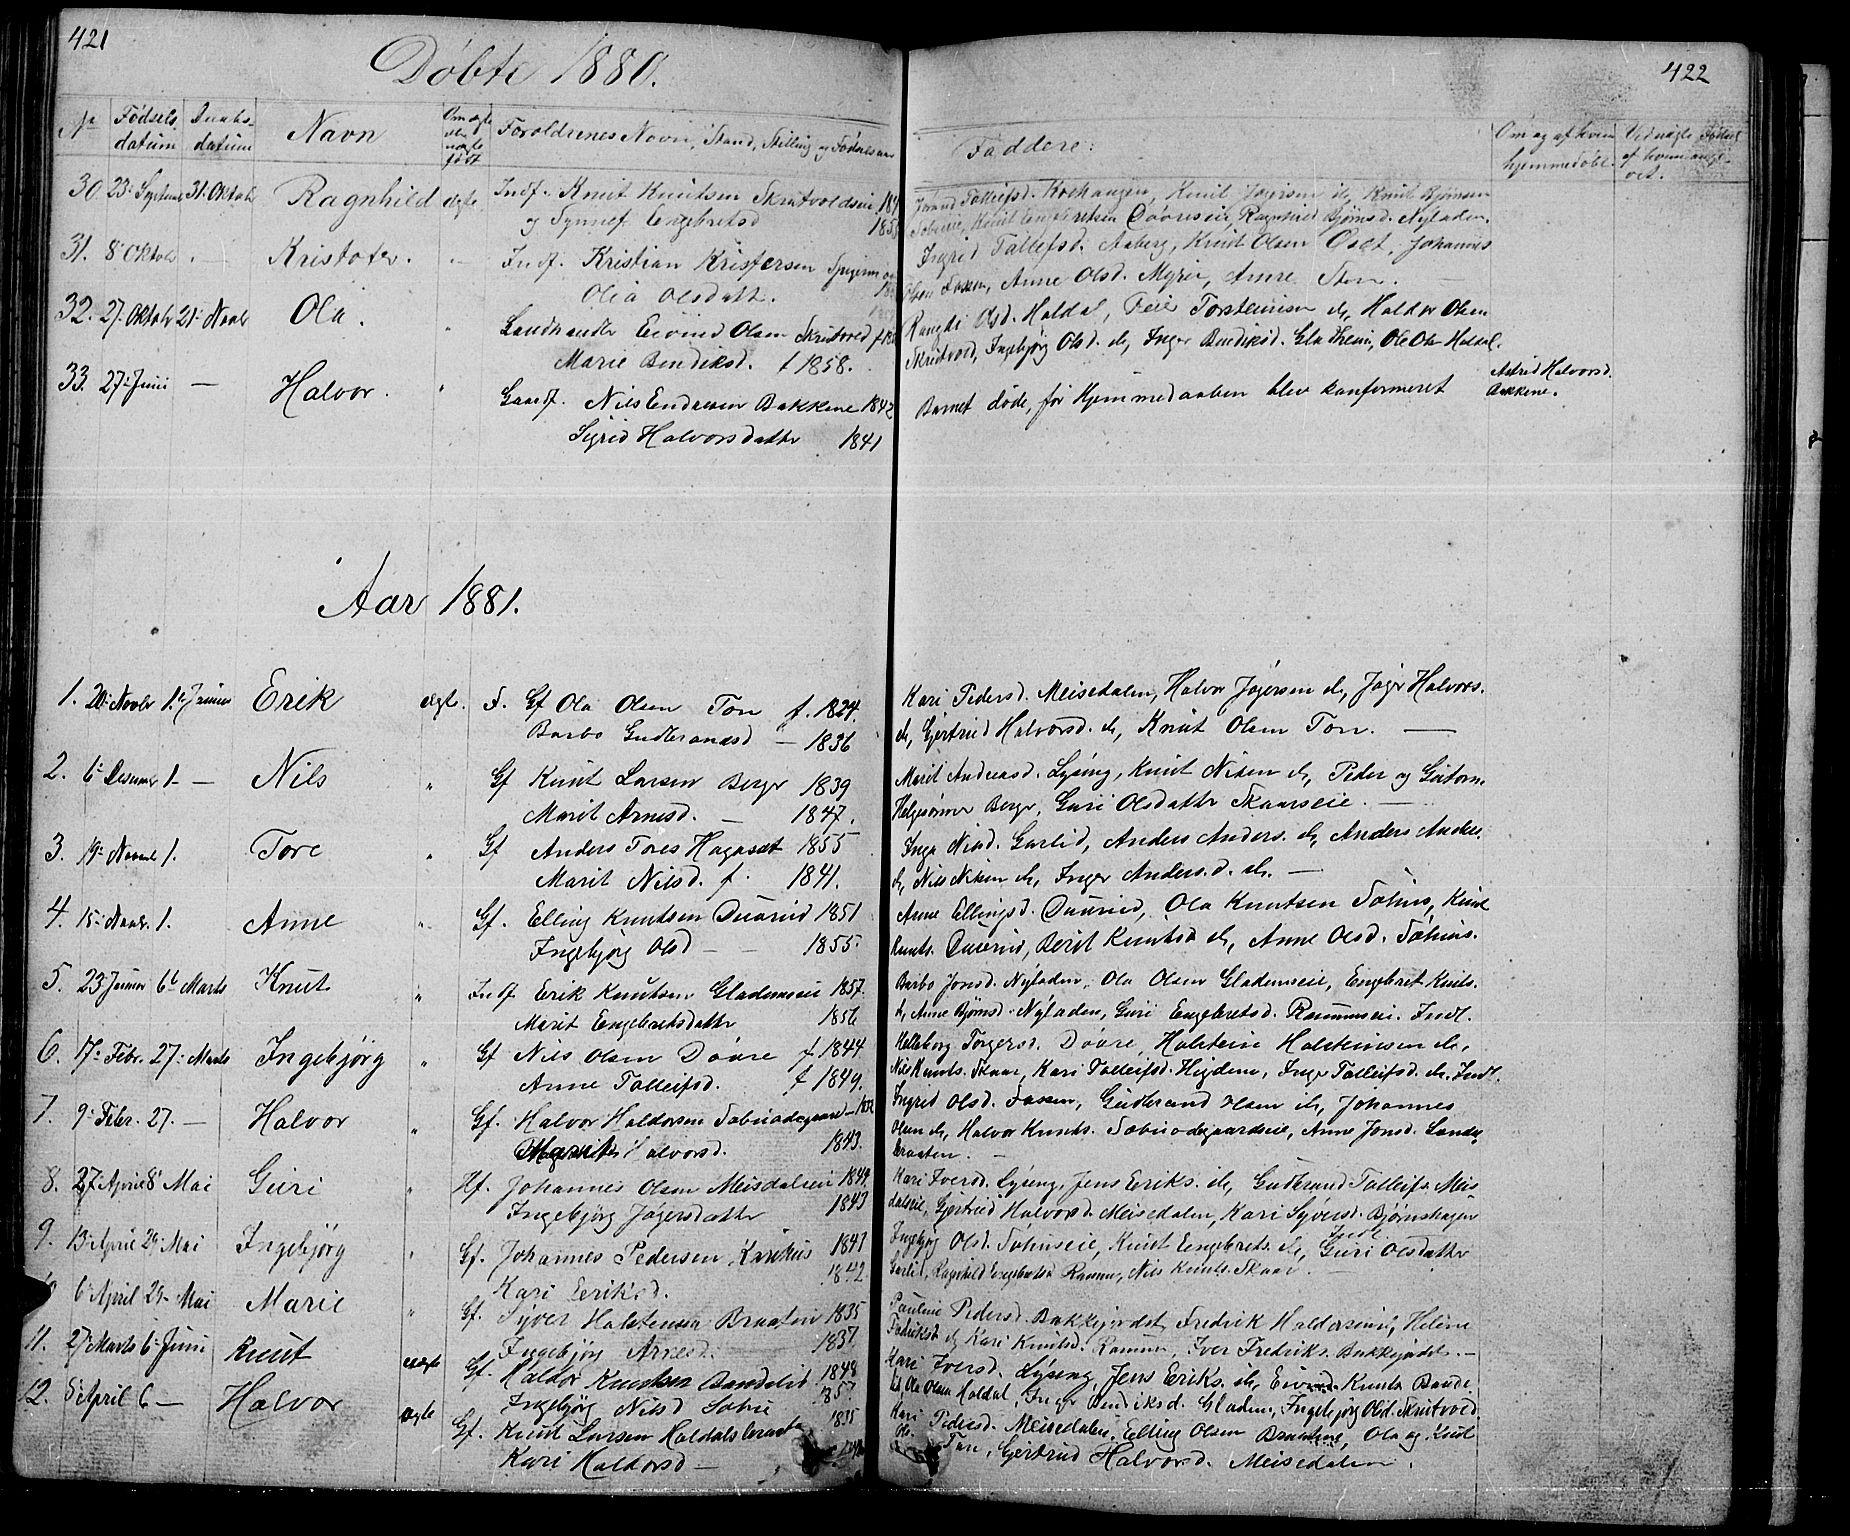 SAH, Nord-Aurdal prestekontor, Klokkerbok nr. 1, 1834-1887, s. 421-422